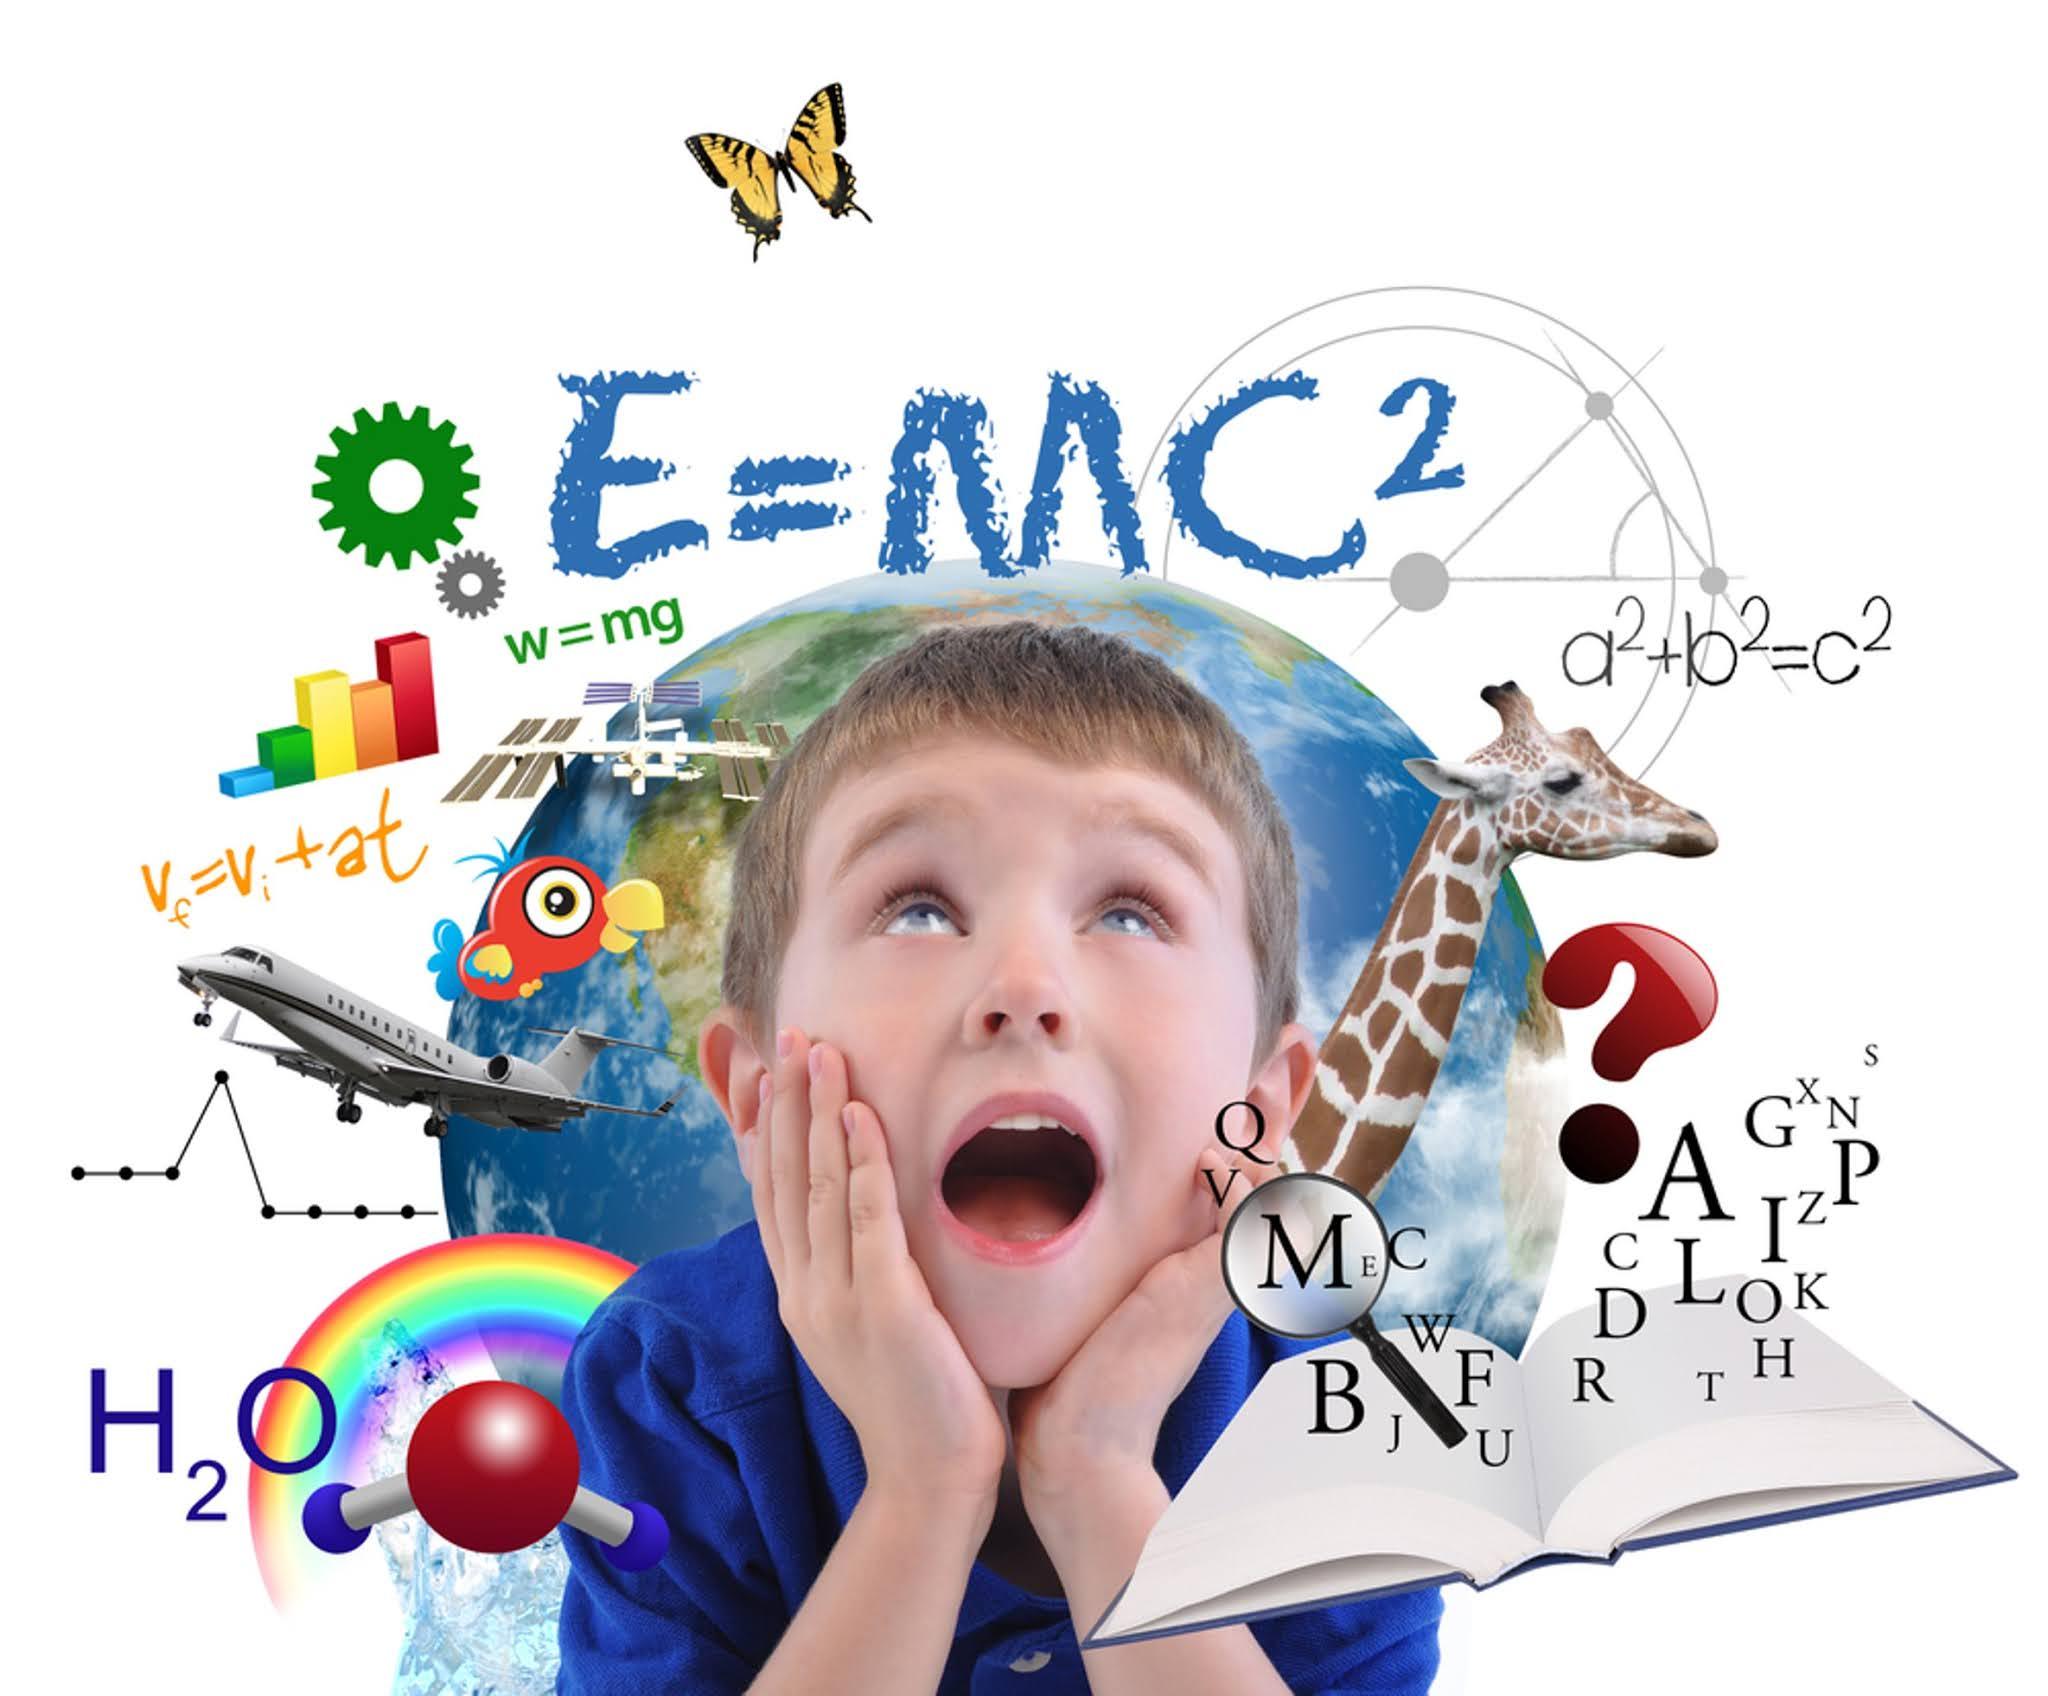 Dạy học sáng tạo - Đề thi thử vật lý số 8